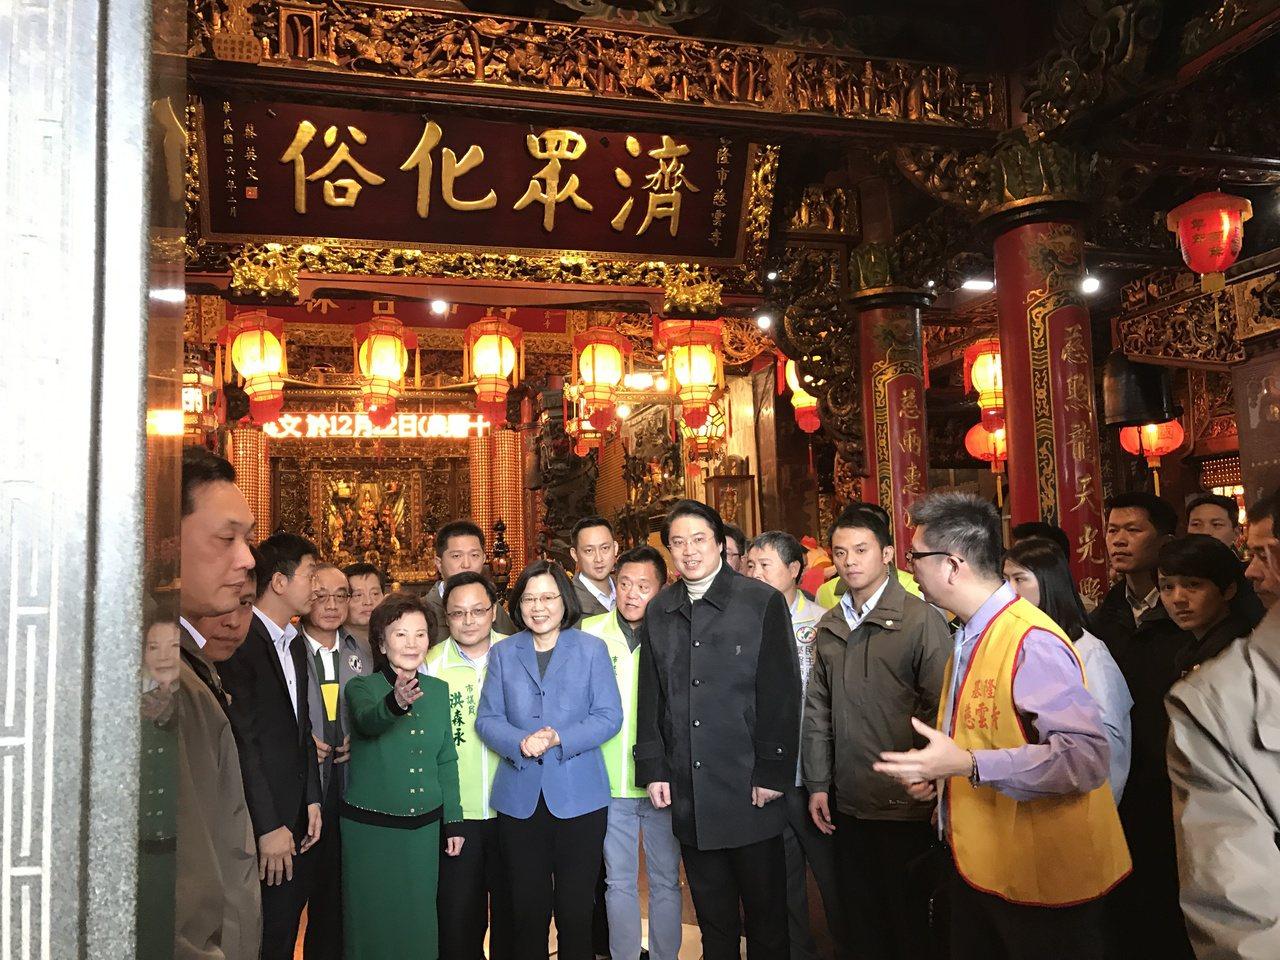 總統蔡英文今天下午到基隆慈雲寺揭匾,受到民眾熱情歡迎。記者吳淑君/攝影